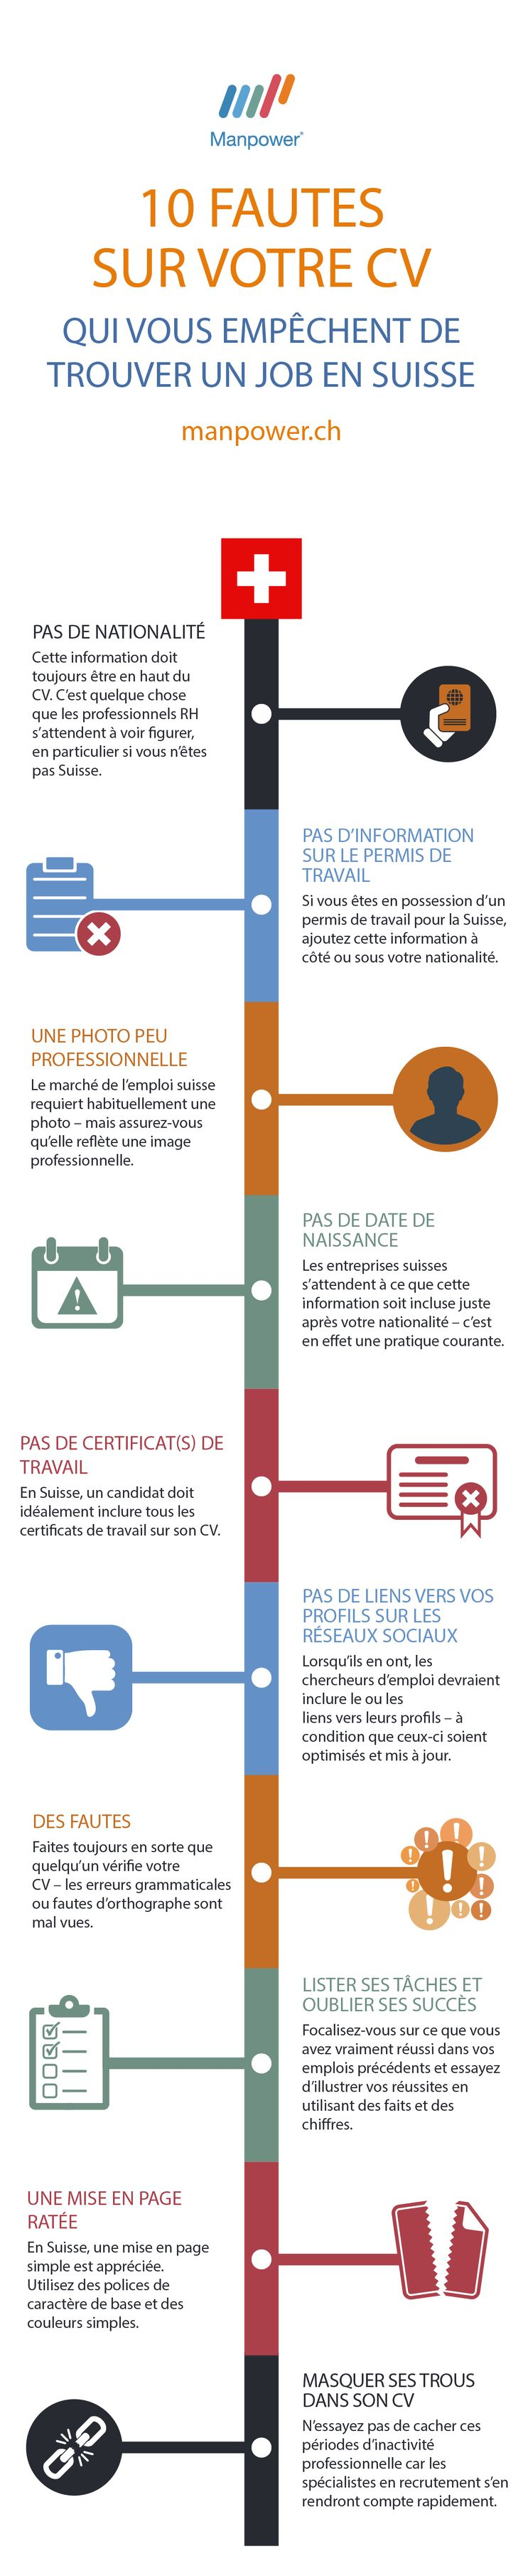 10 fautes sur votre #CV qui pourrait vous empêcher de trouver le #job de vos rêves en #Suisse